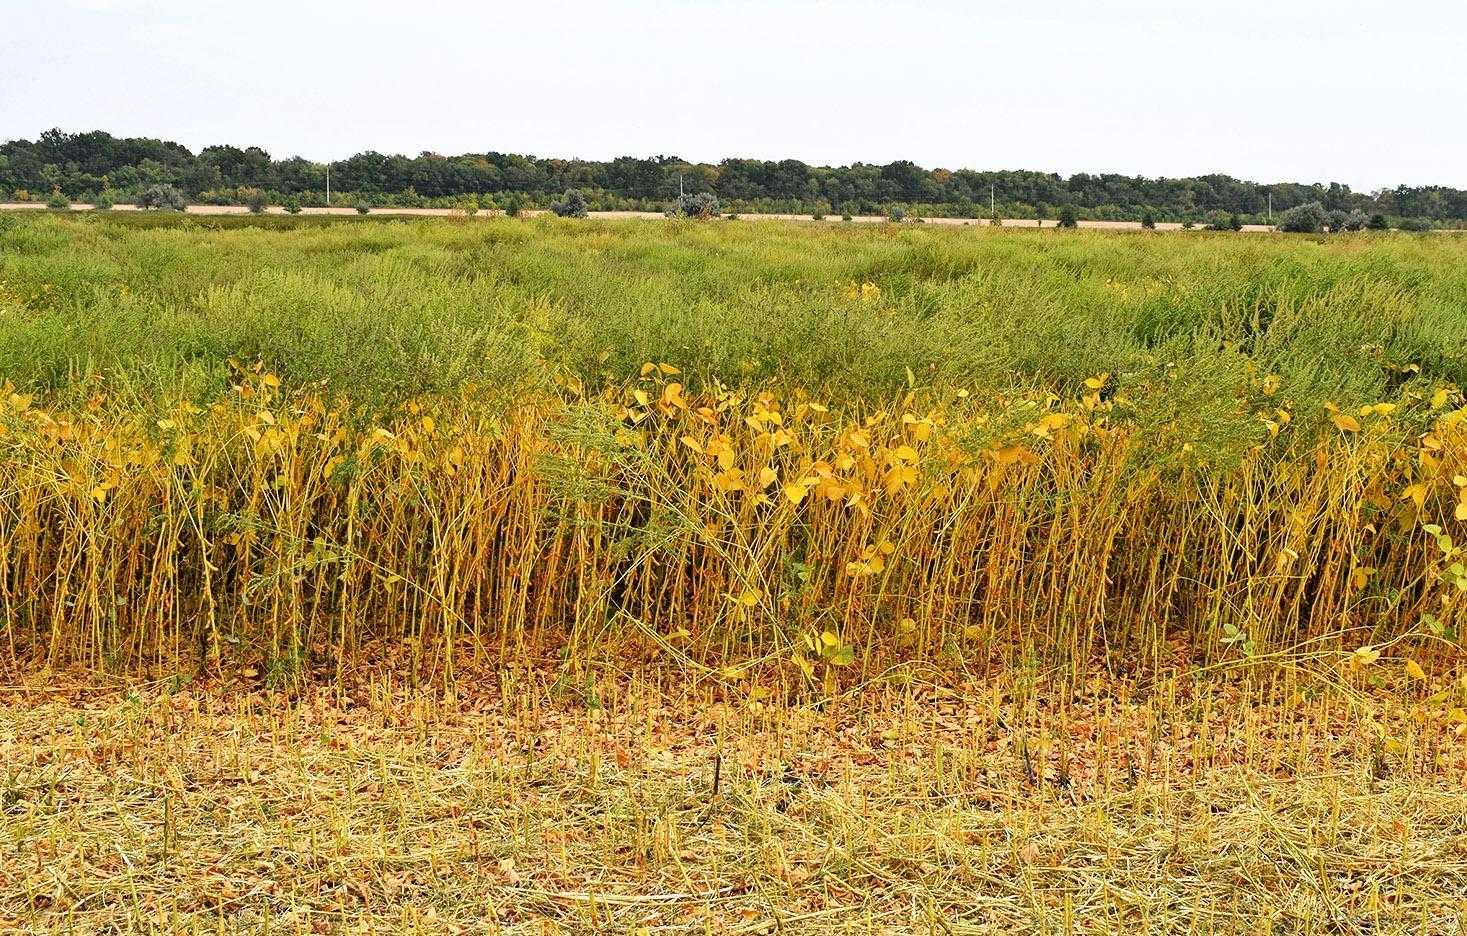 Заходи з контролю амброзії мають бути спрямовані на виснаження запасів її насіння в ґрунті й запобігання повторному засміченню